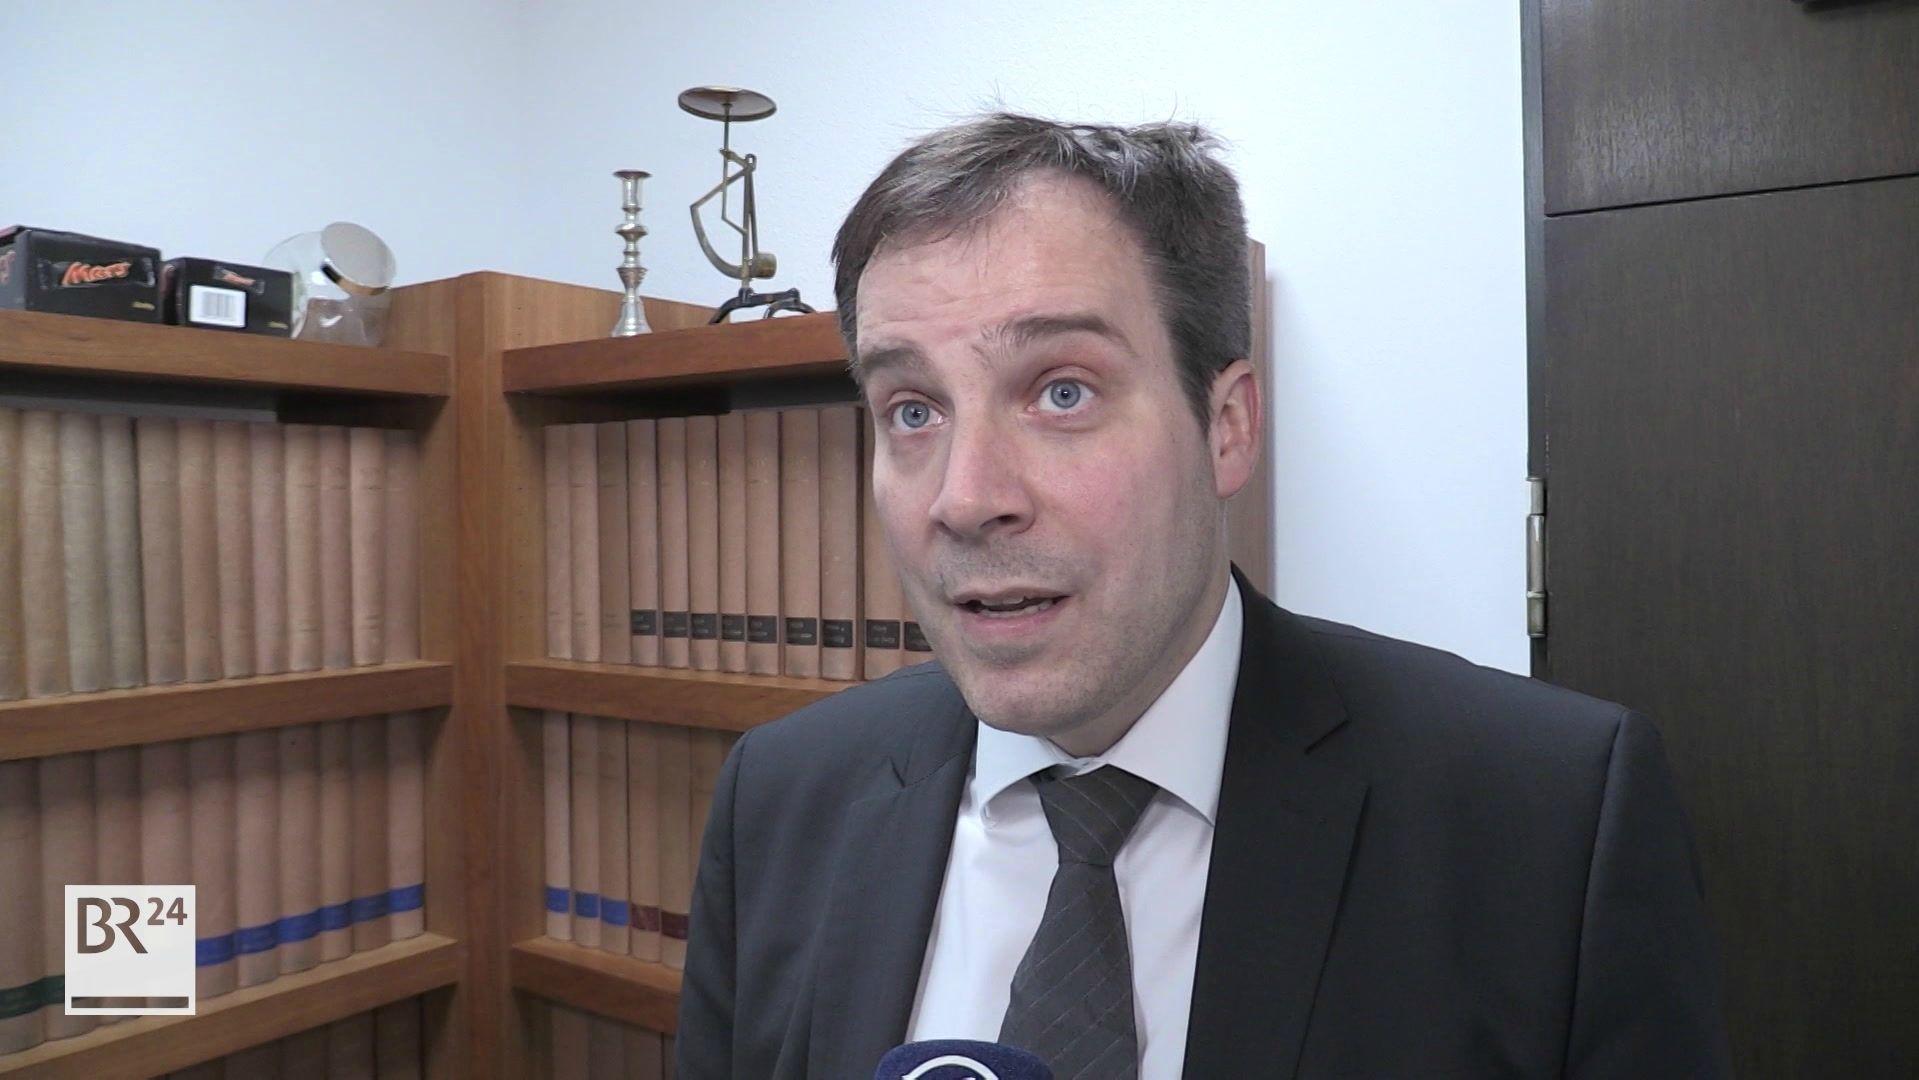 Anwalt Felix Dimpfl